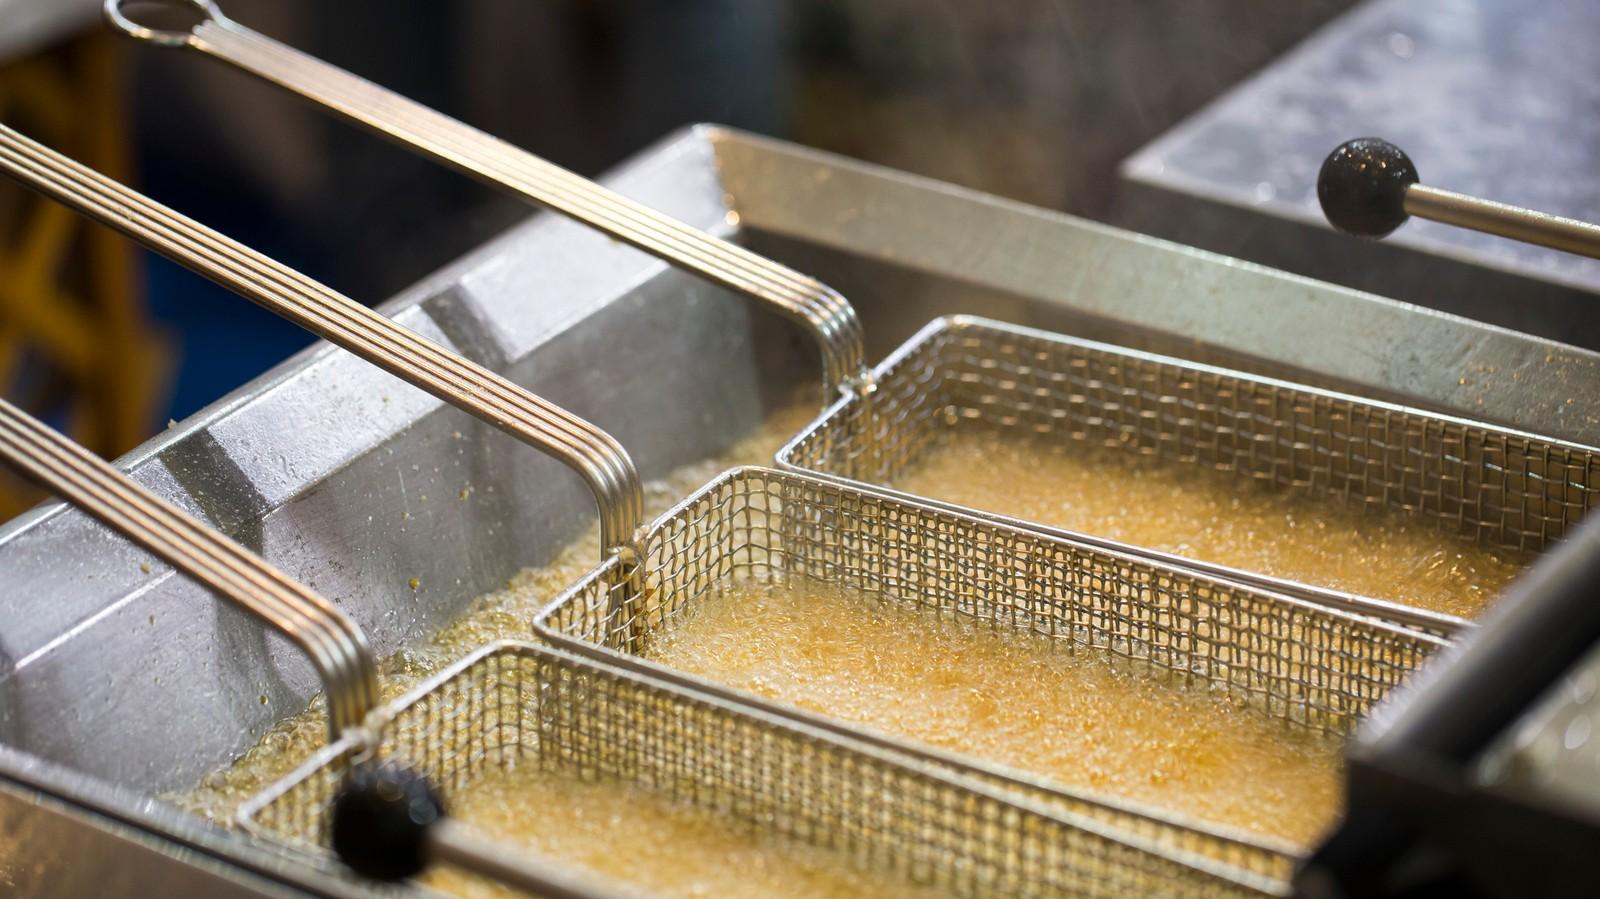 Après la couille dans le potage, la souris dans la friteuse